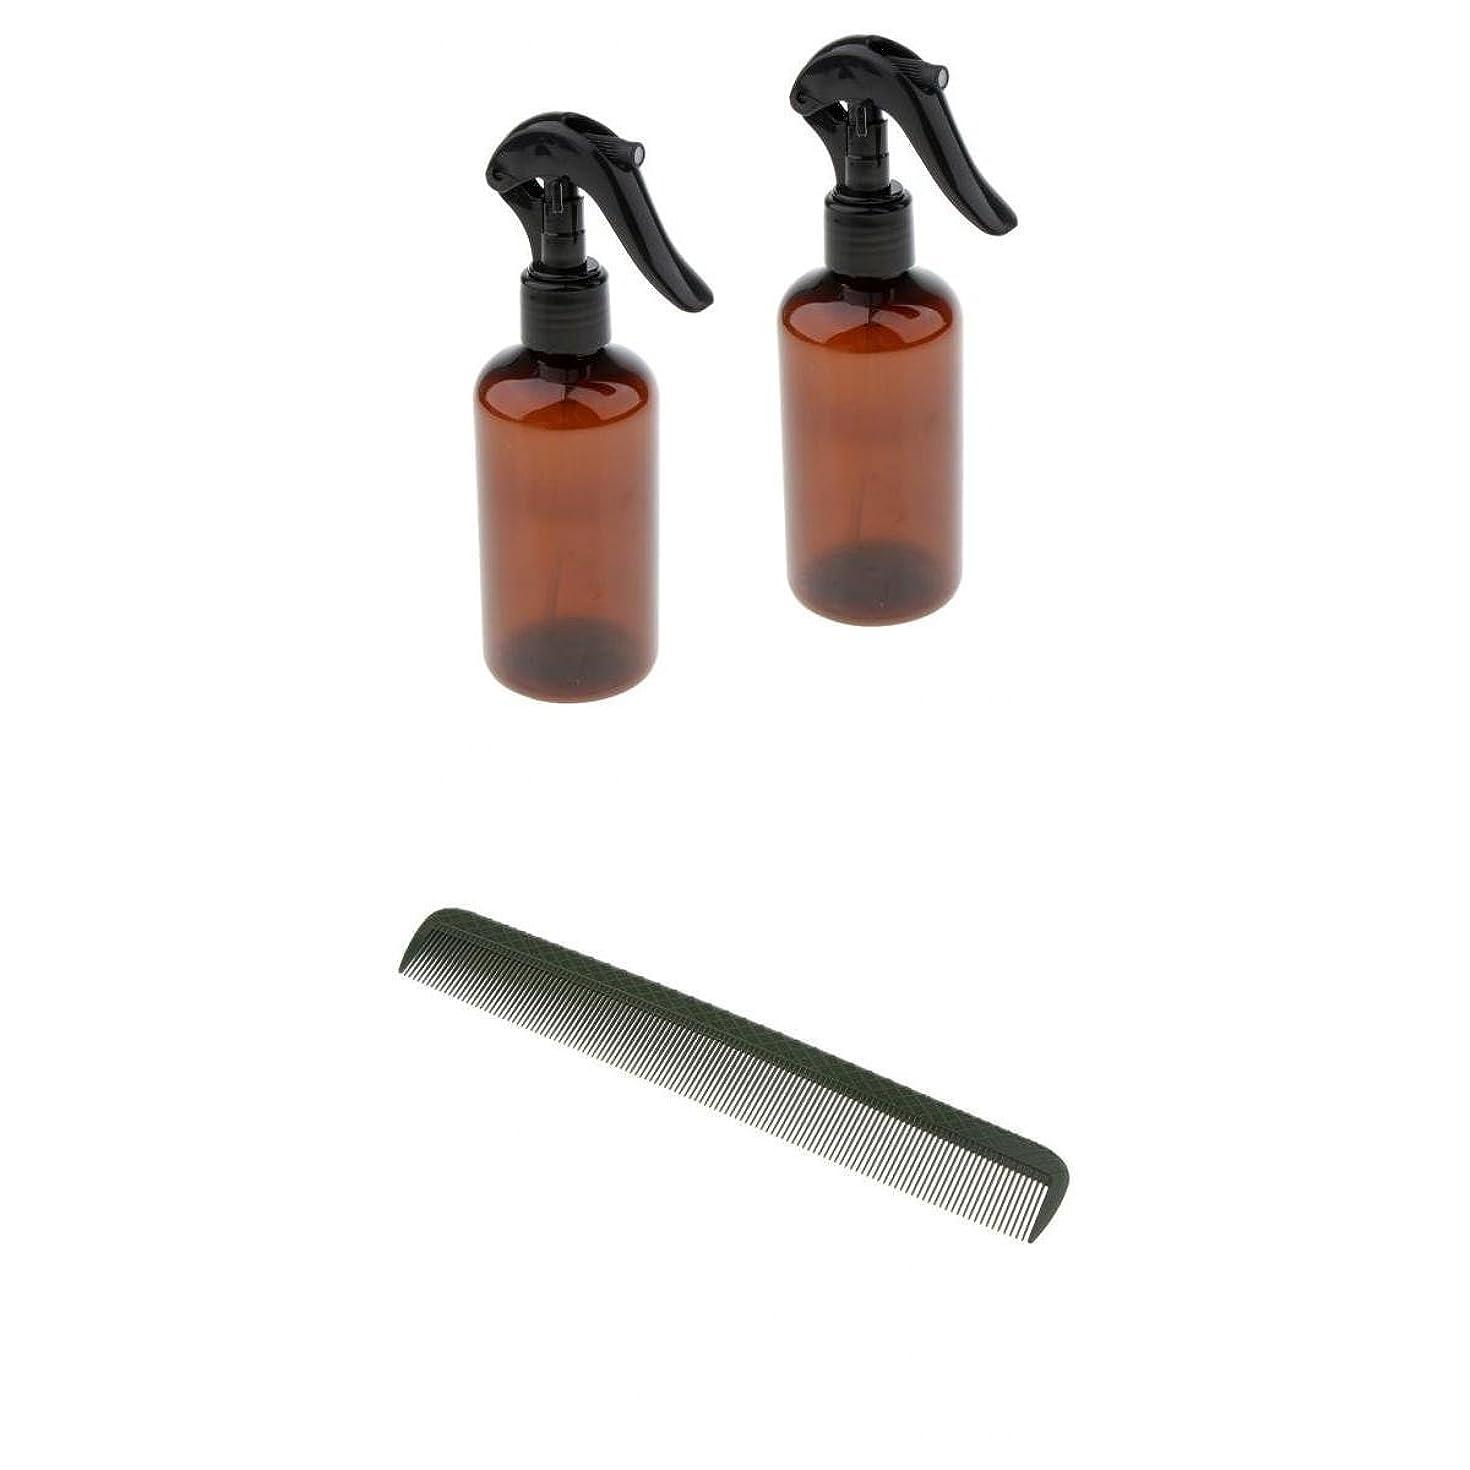 慣性カヌーヘアコーム 櫛 ヘアブラシ ヘアカット トリガーボトル スプレーボトル ファッション 美容 サロン